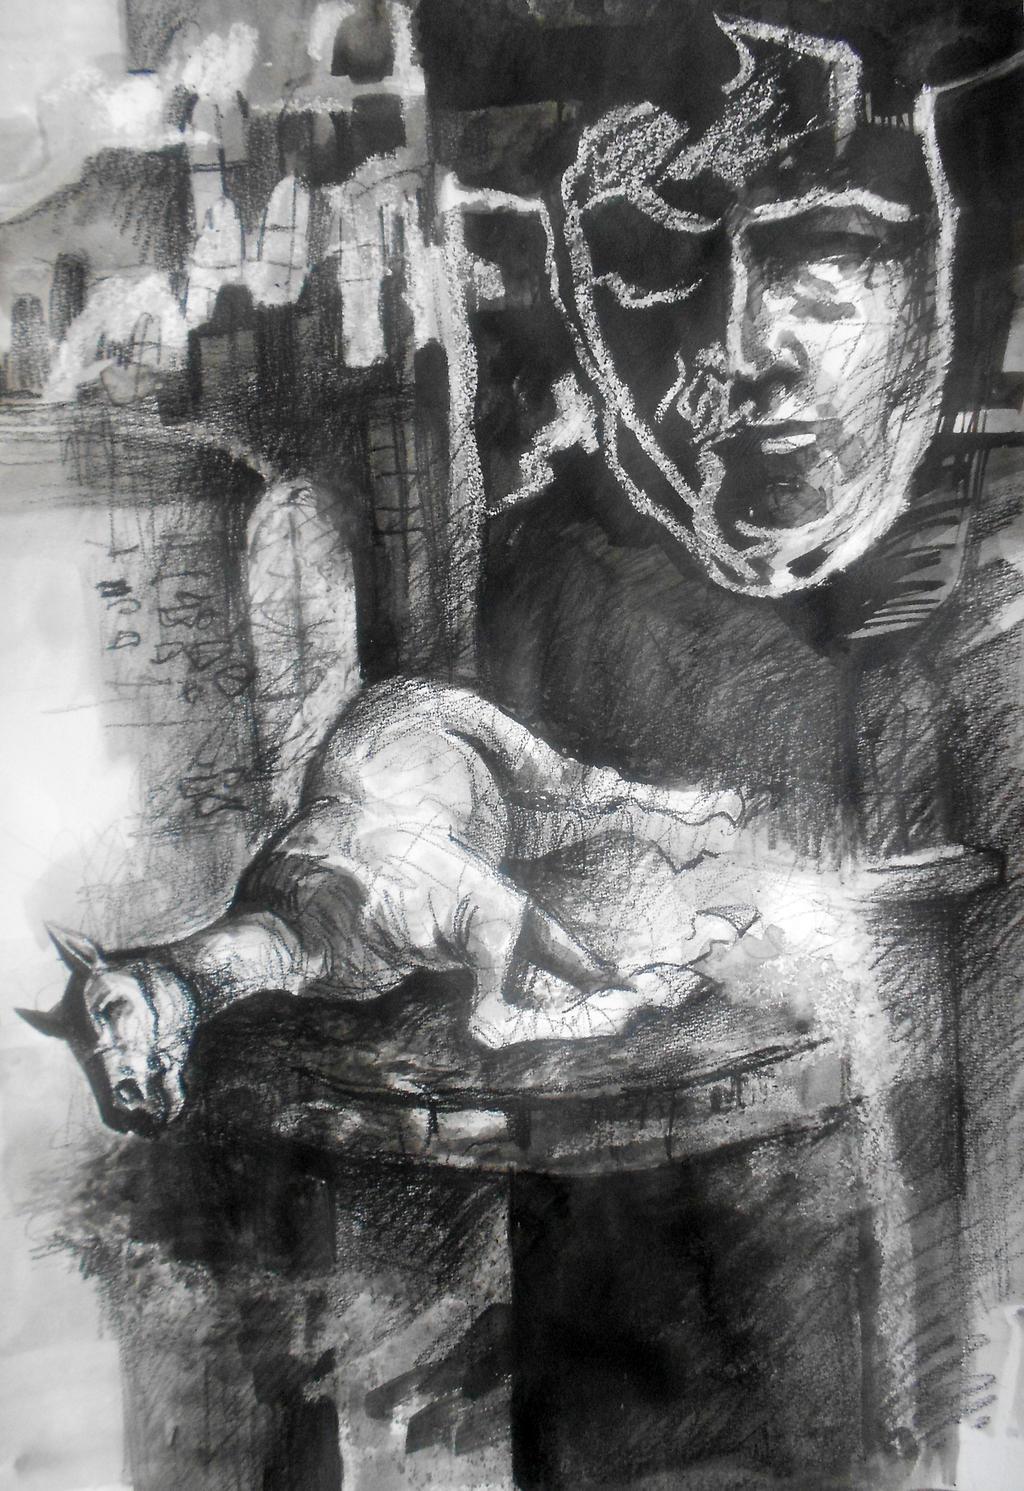 Lamentation by WerewolfPredator